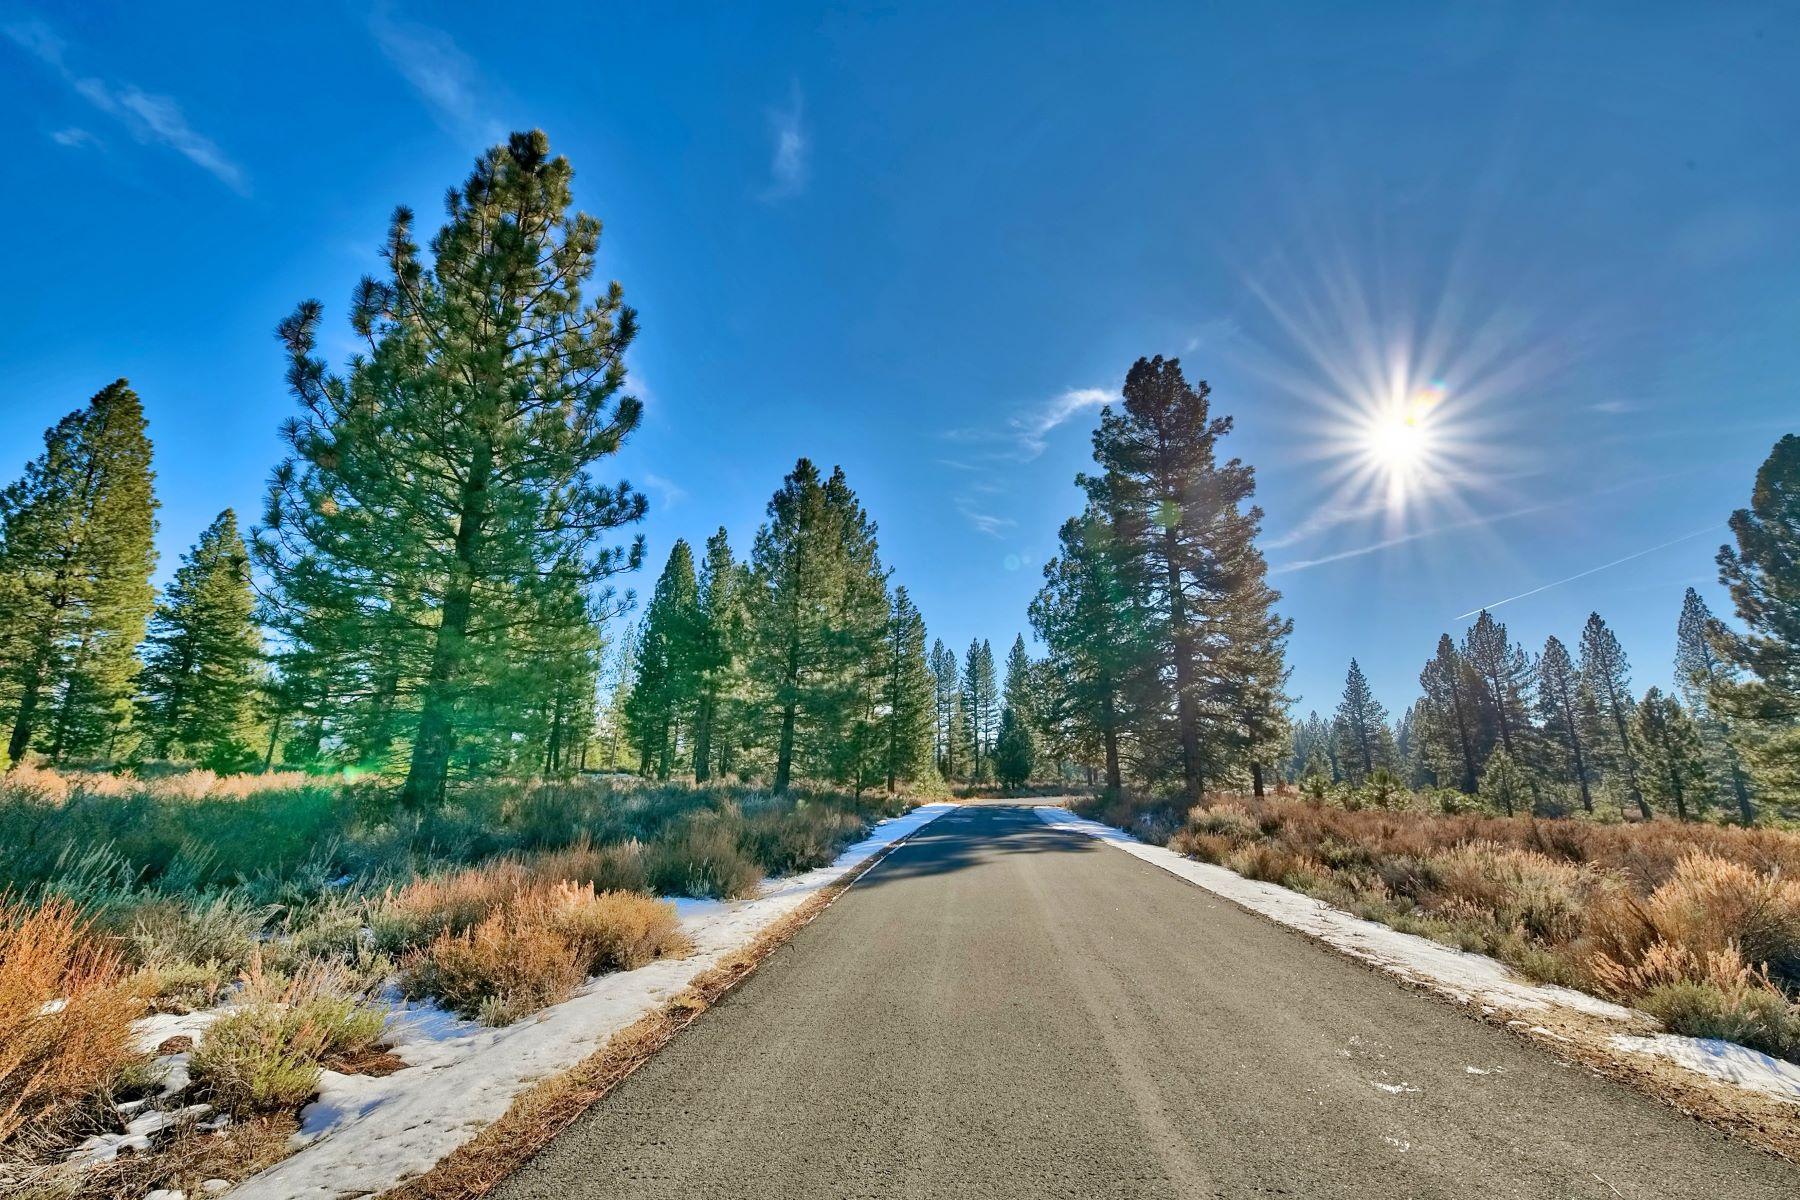 土地,用地 为 销售 在 Creeks, Springs and Sierra Views 0 Highway 70, Unit 2B 波托拉, 加利福尼亚州 96122 美国